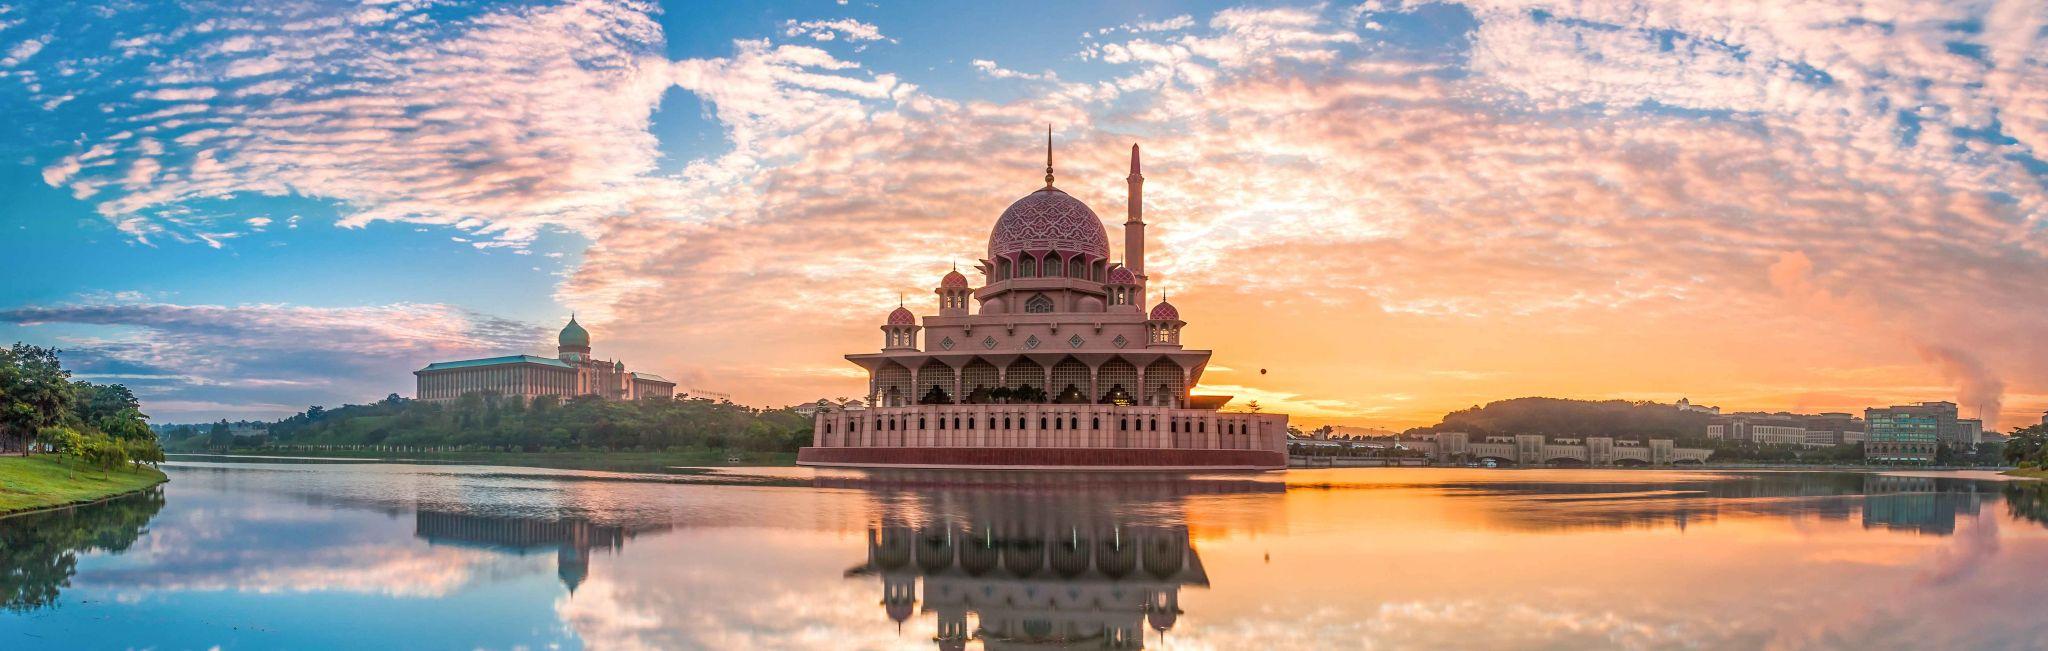 Malaysia-Putra-Mosque-Sunset